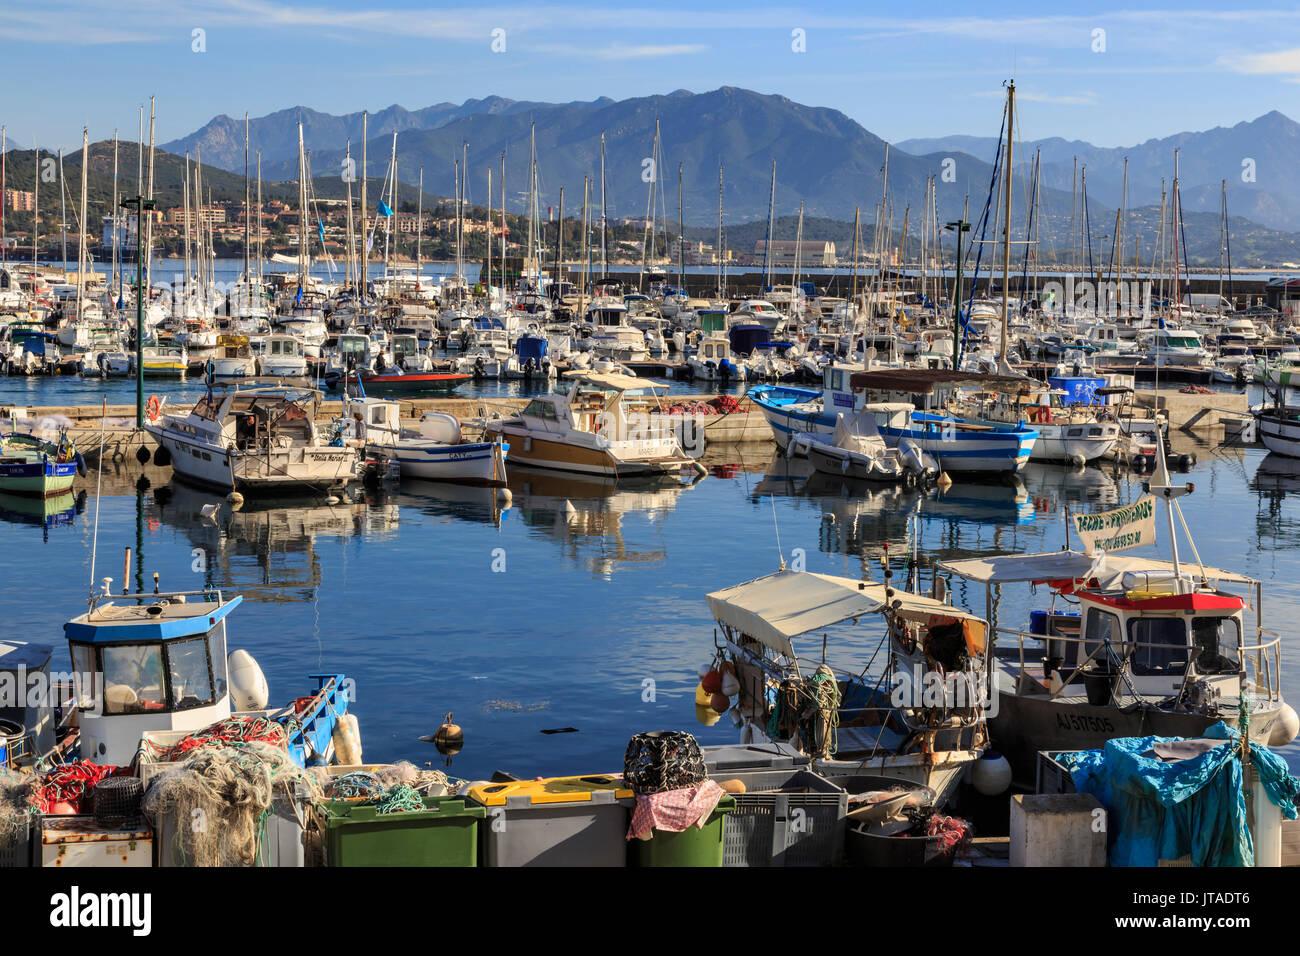 Alter Hafen mit Fischerbooten und Yachten, Blick auf die Berge in der Ferne, Ajaccio, Korsika, Frankreich, Mittelmeer, Europa Stockbild